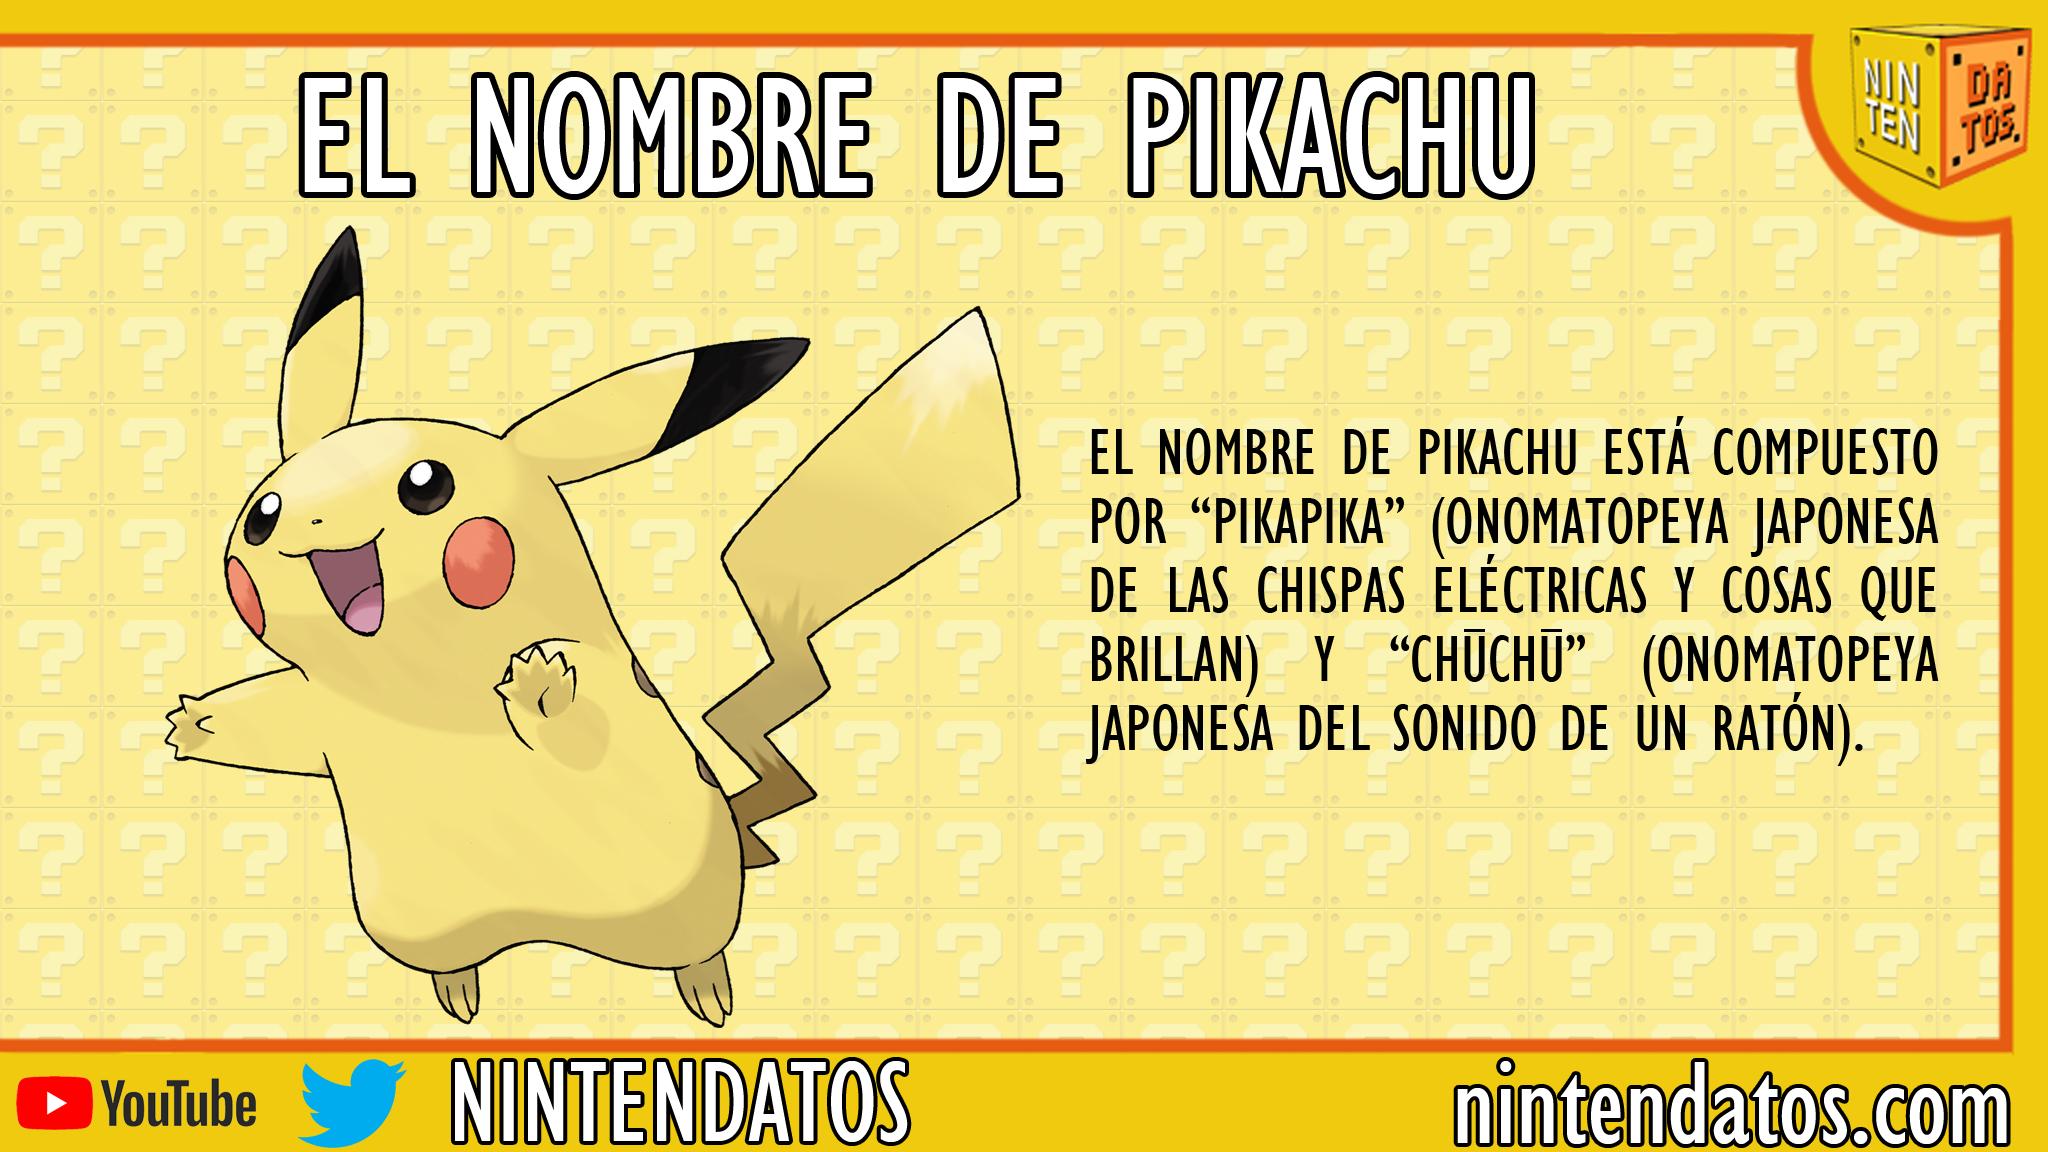 El nombre de Pikachu